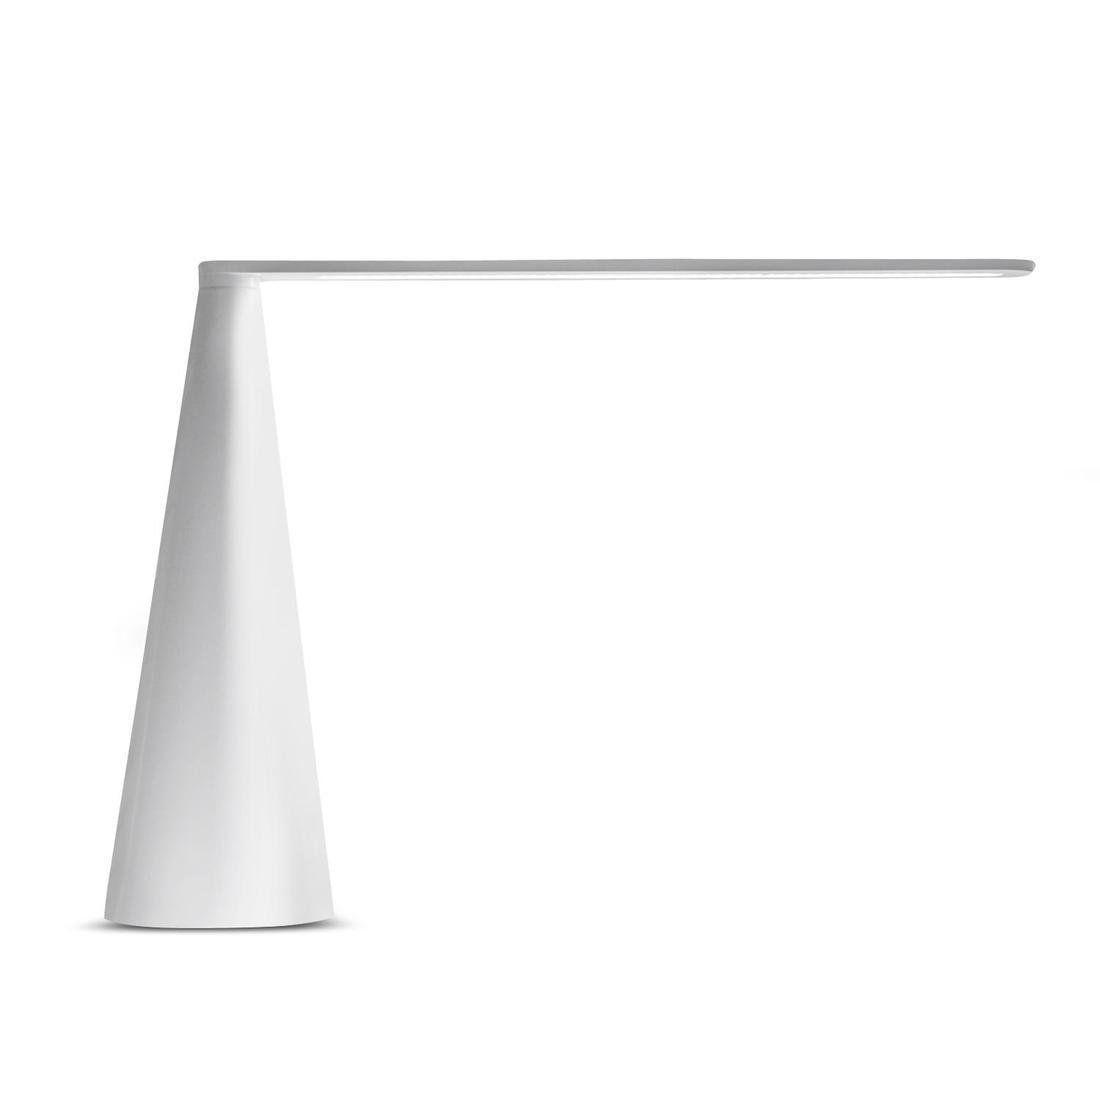 Lampe Design Aluminium Blanc Martinelli Luce Elica